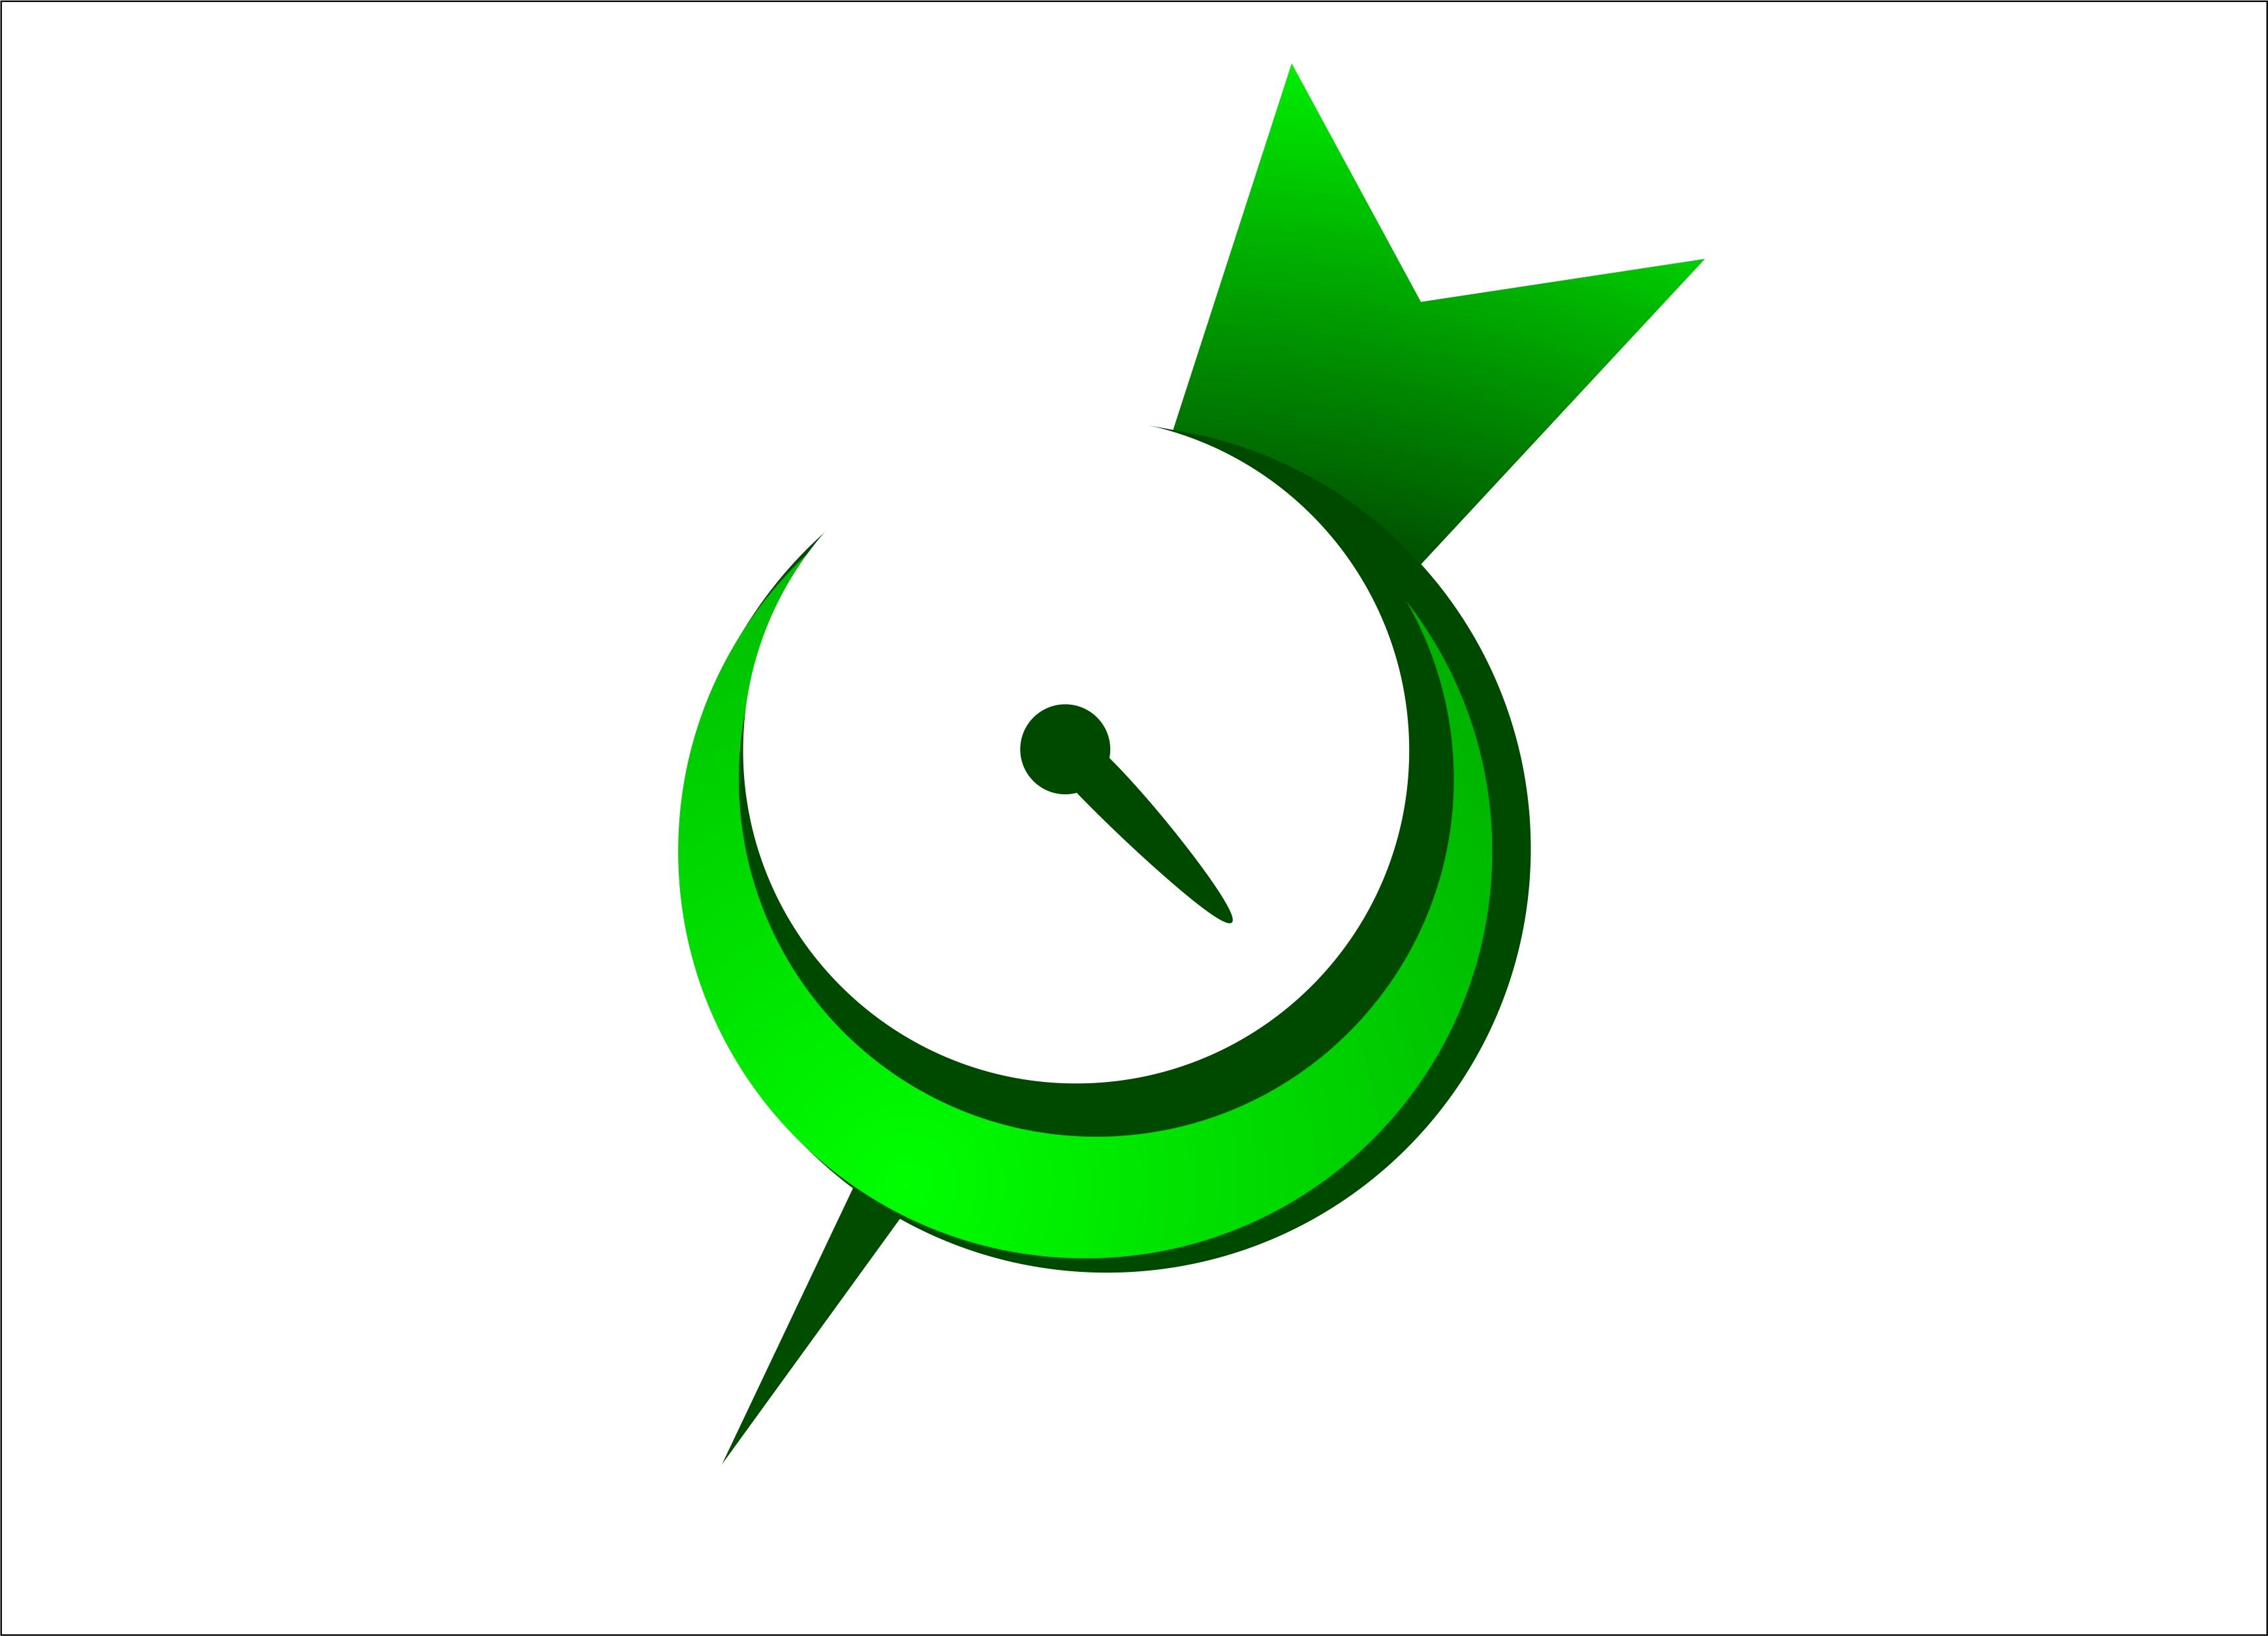 Логотип для инженерной компании фото f_68551cf2196e03dd.jpg